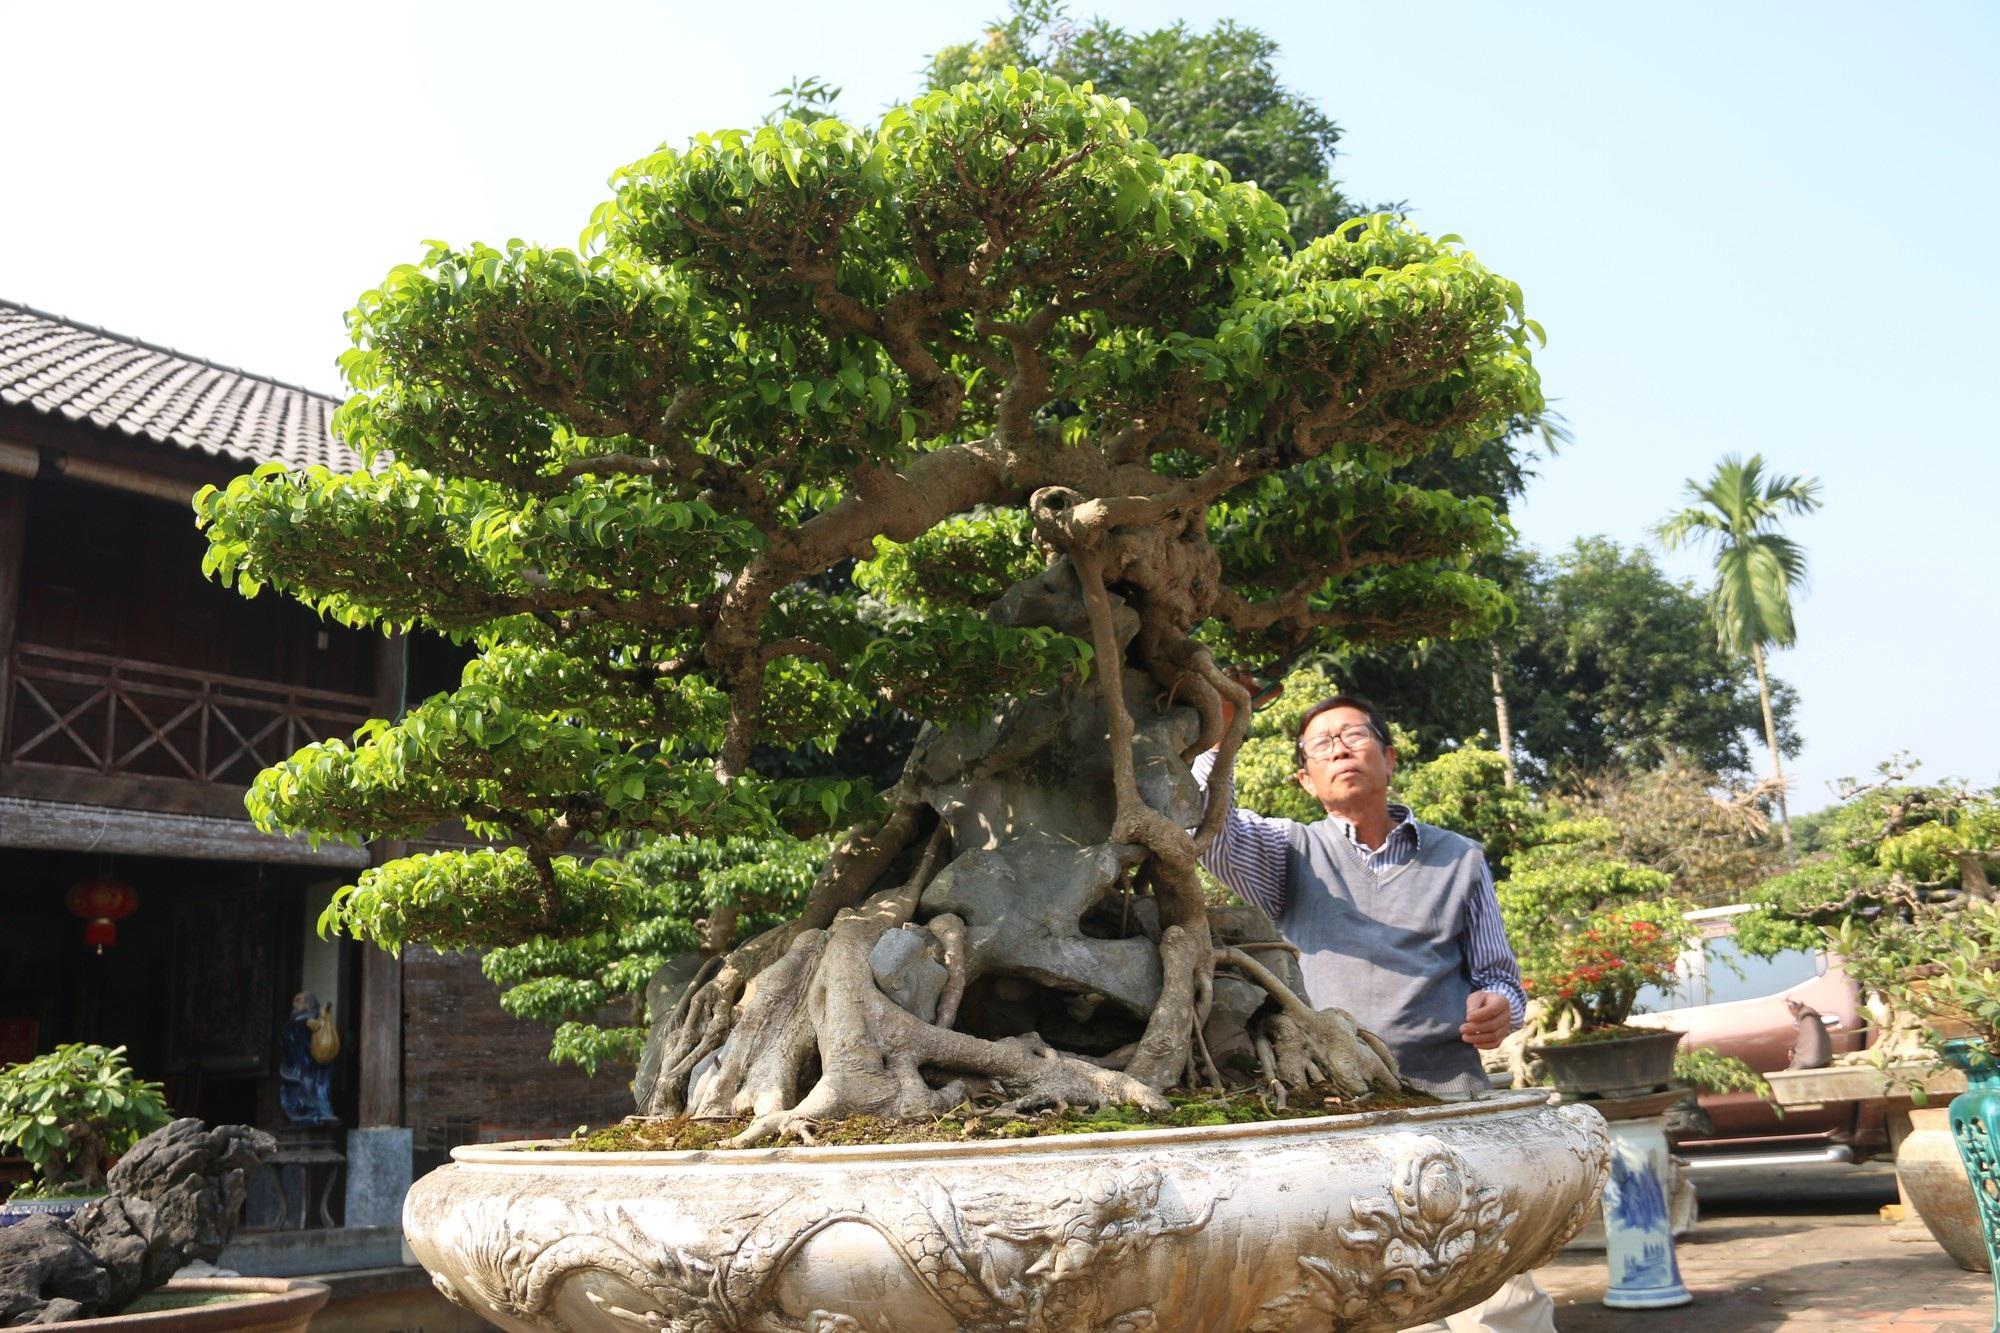 Chiêm ngưỡng sanh cổ dáng phượng giá triệu đô của ông vua cây cảnh Việt Nam - Ảnh 11.